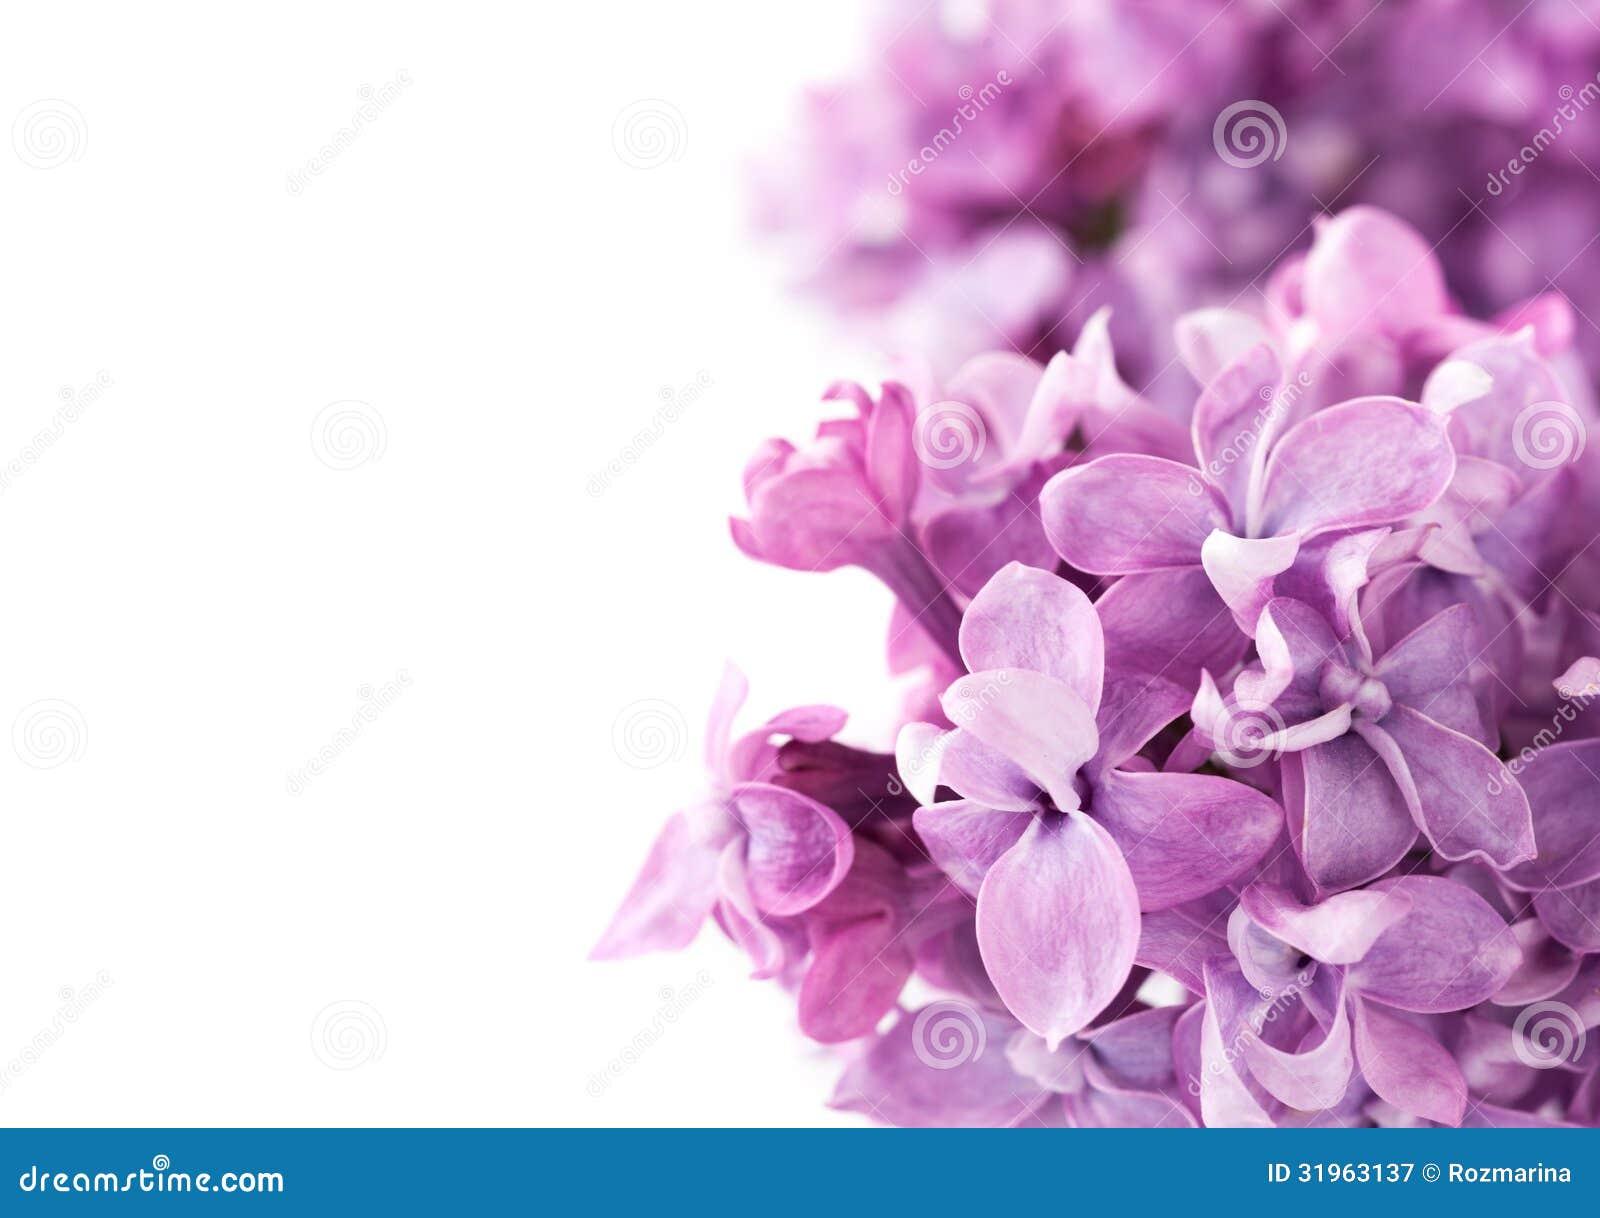 Flores Lilas Con Rosas Sobre Fondo: Flores De La Lila En Un Fondo Blanco Imagen De Archivo